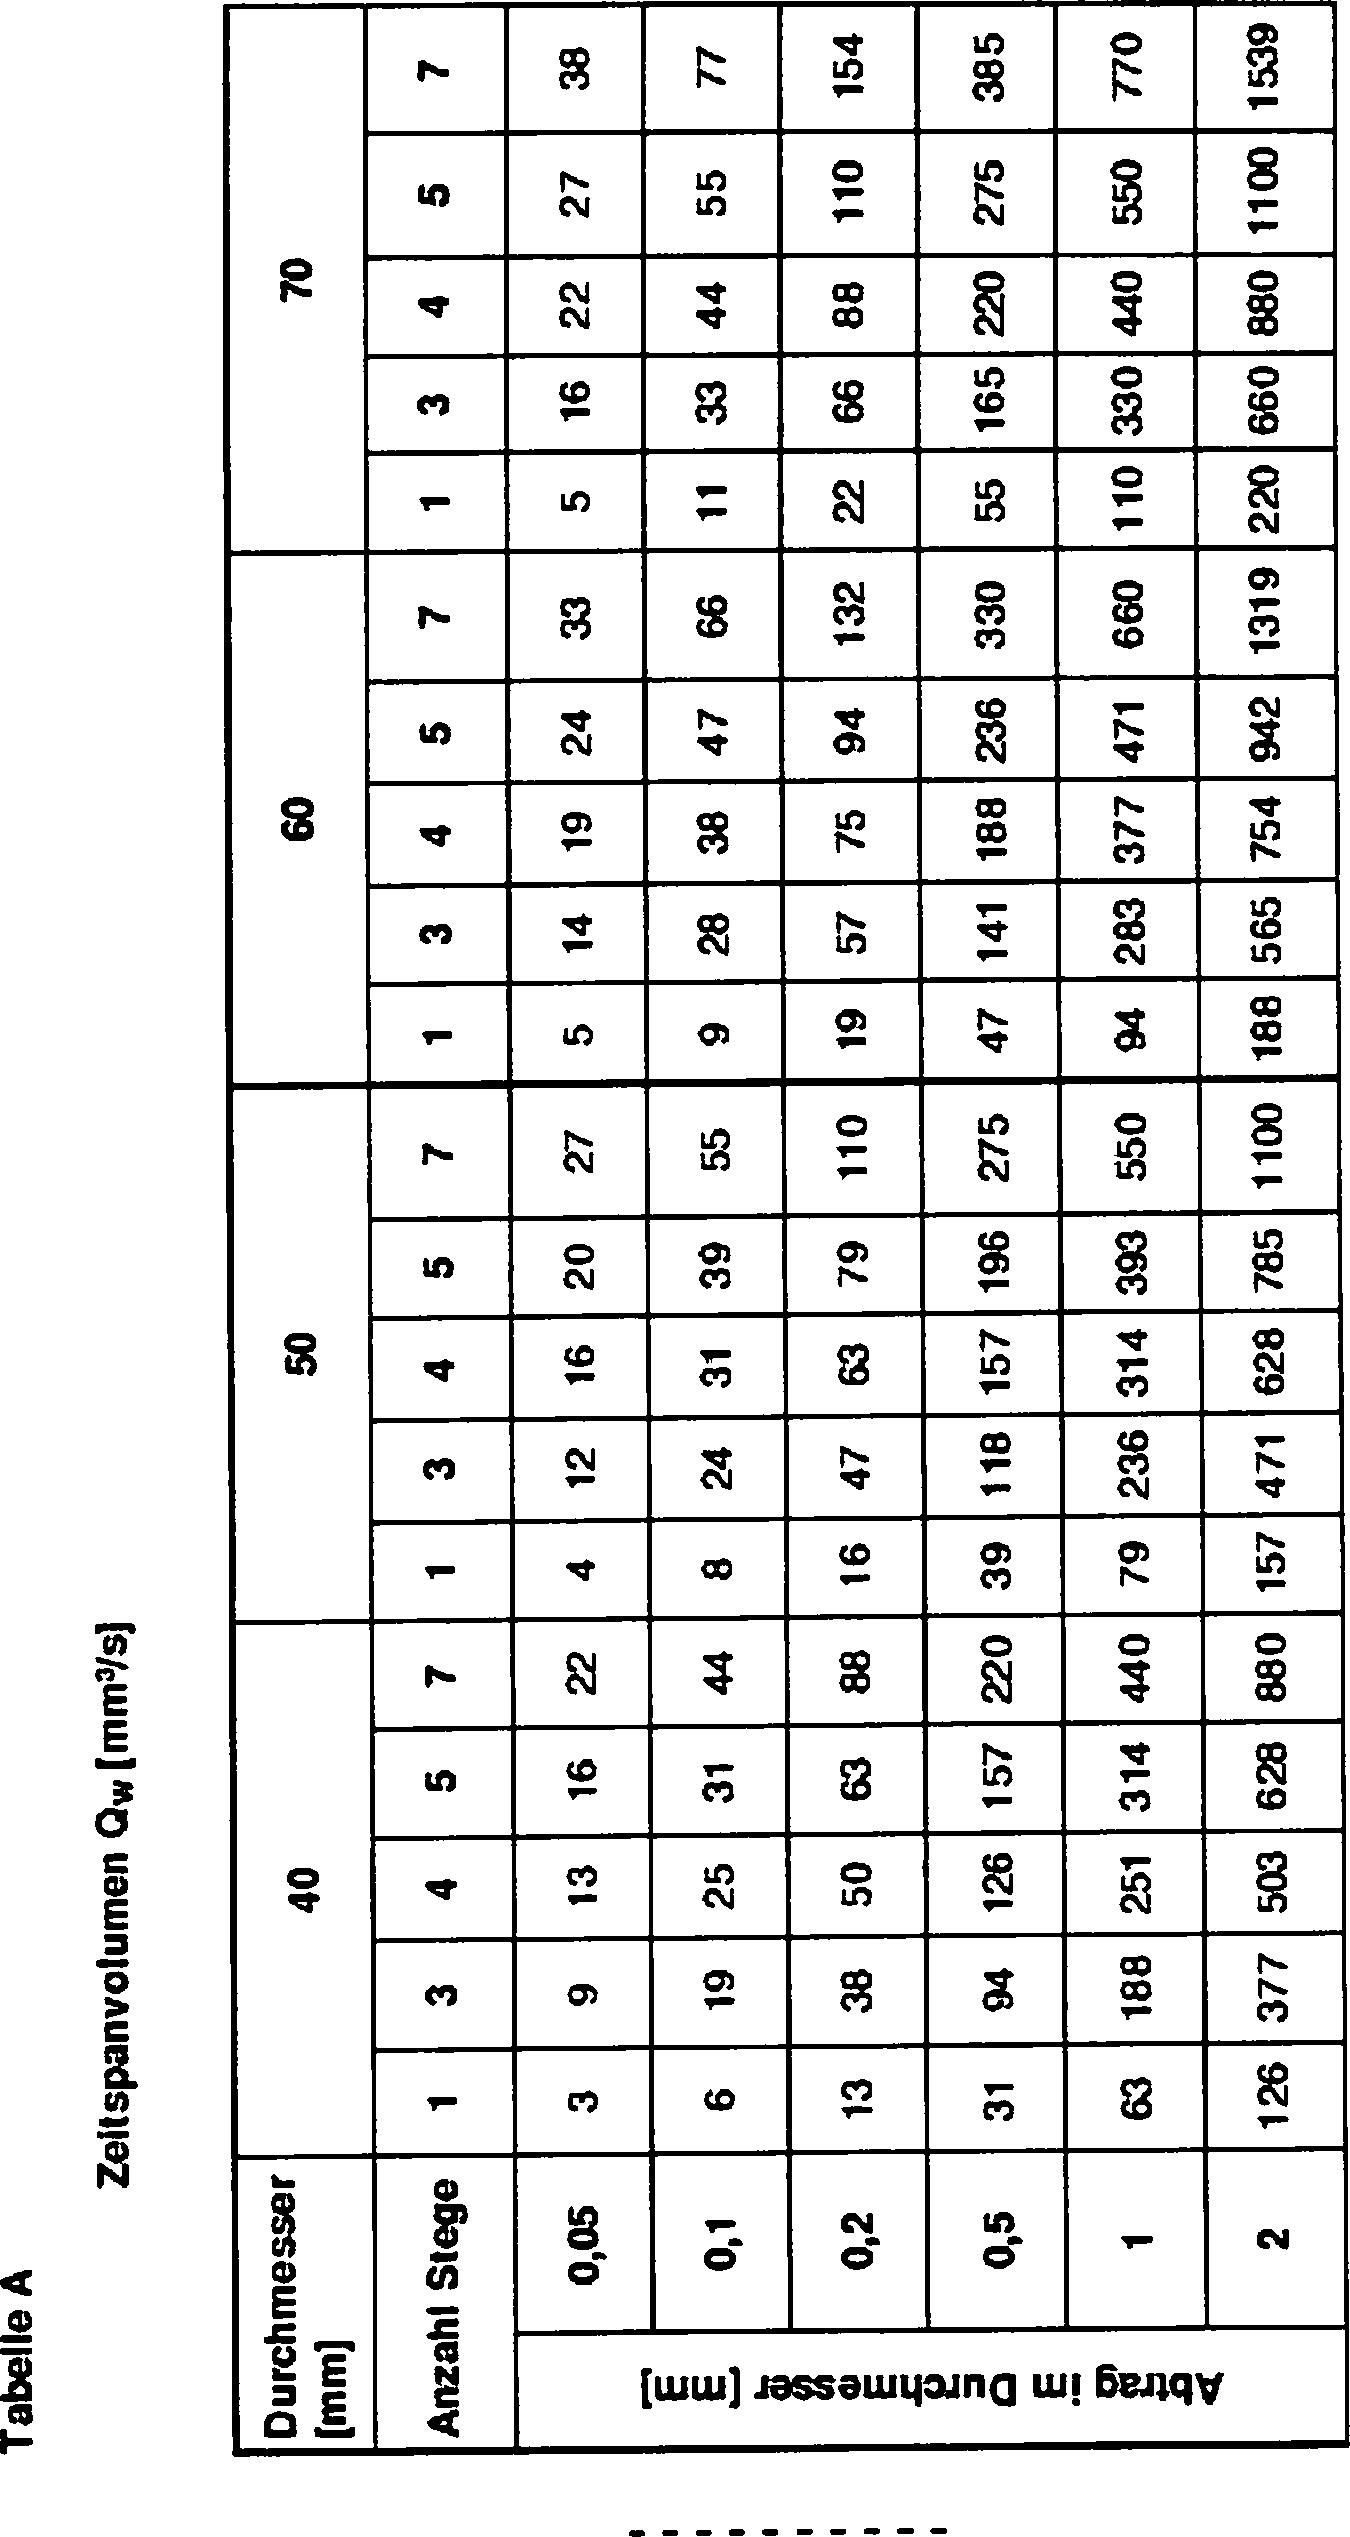 Figure DE102010010901B4_0002